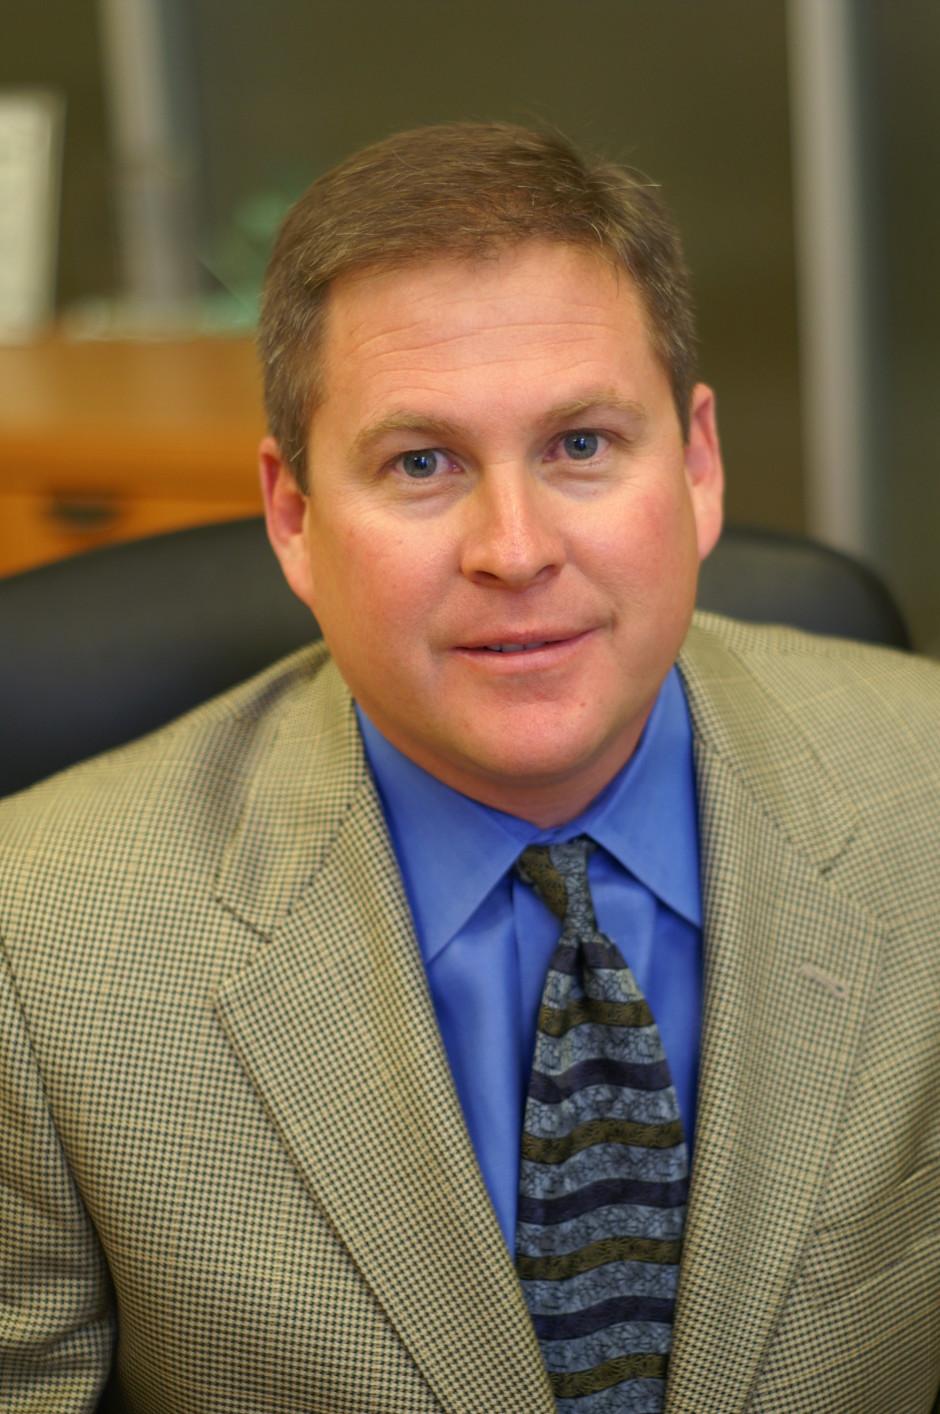 <b>Greg Gilmore</b>, CEO - kklxusfbeerjogiisou3